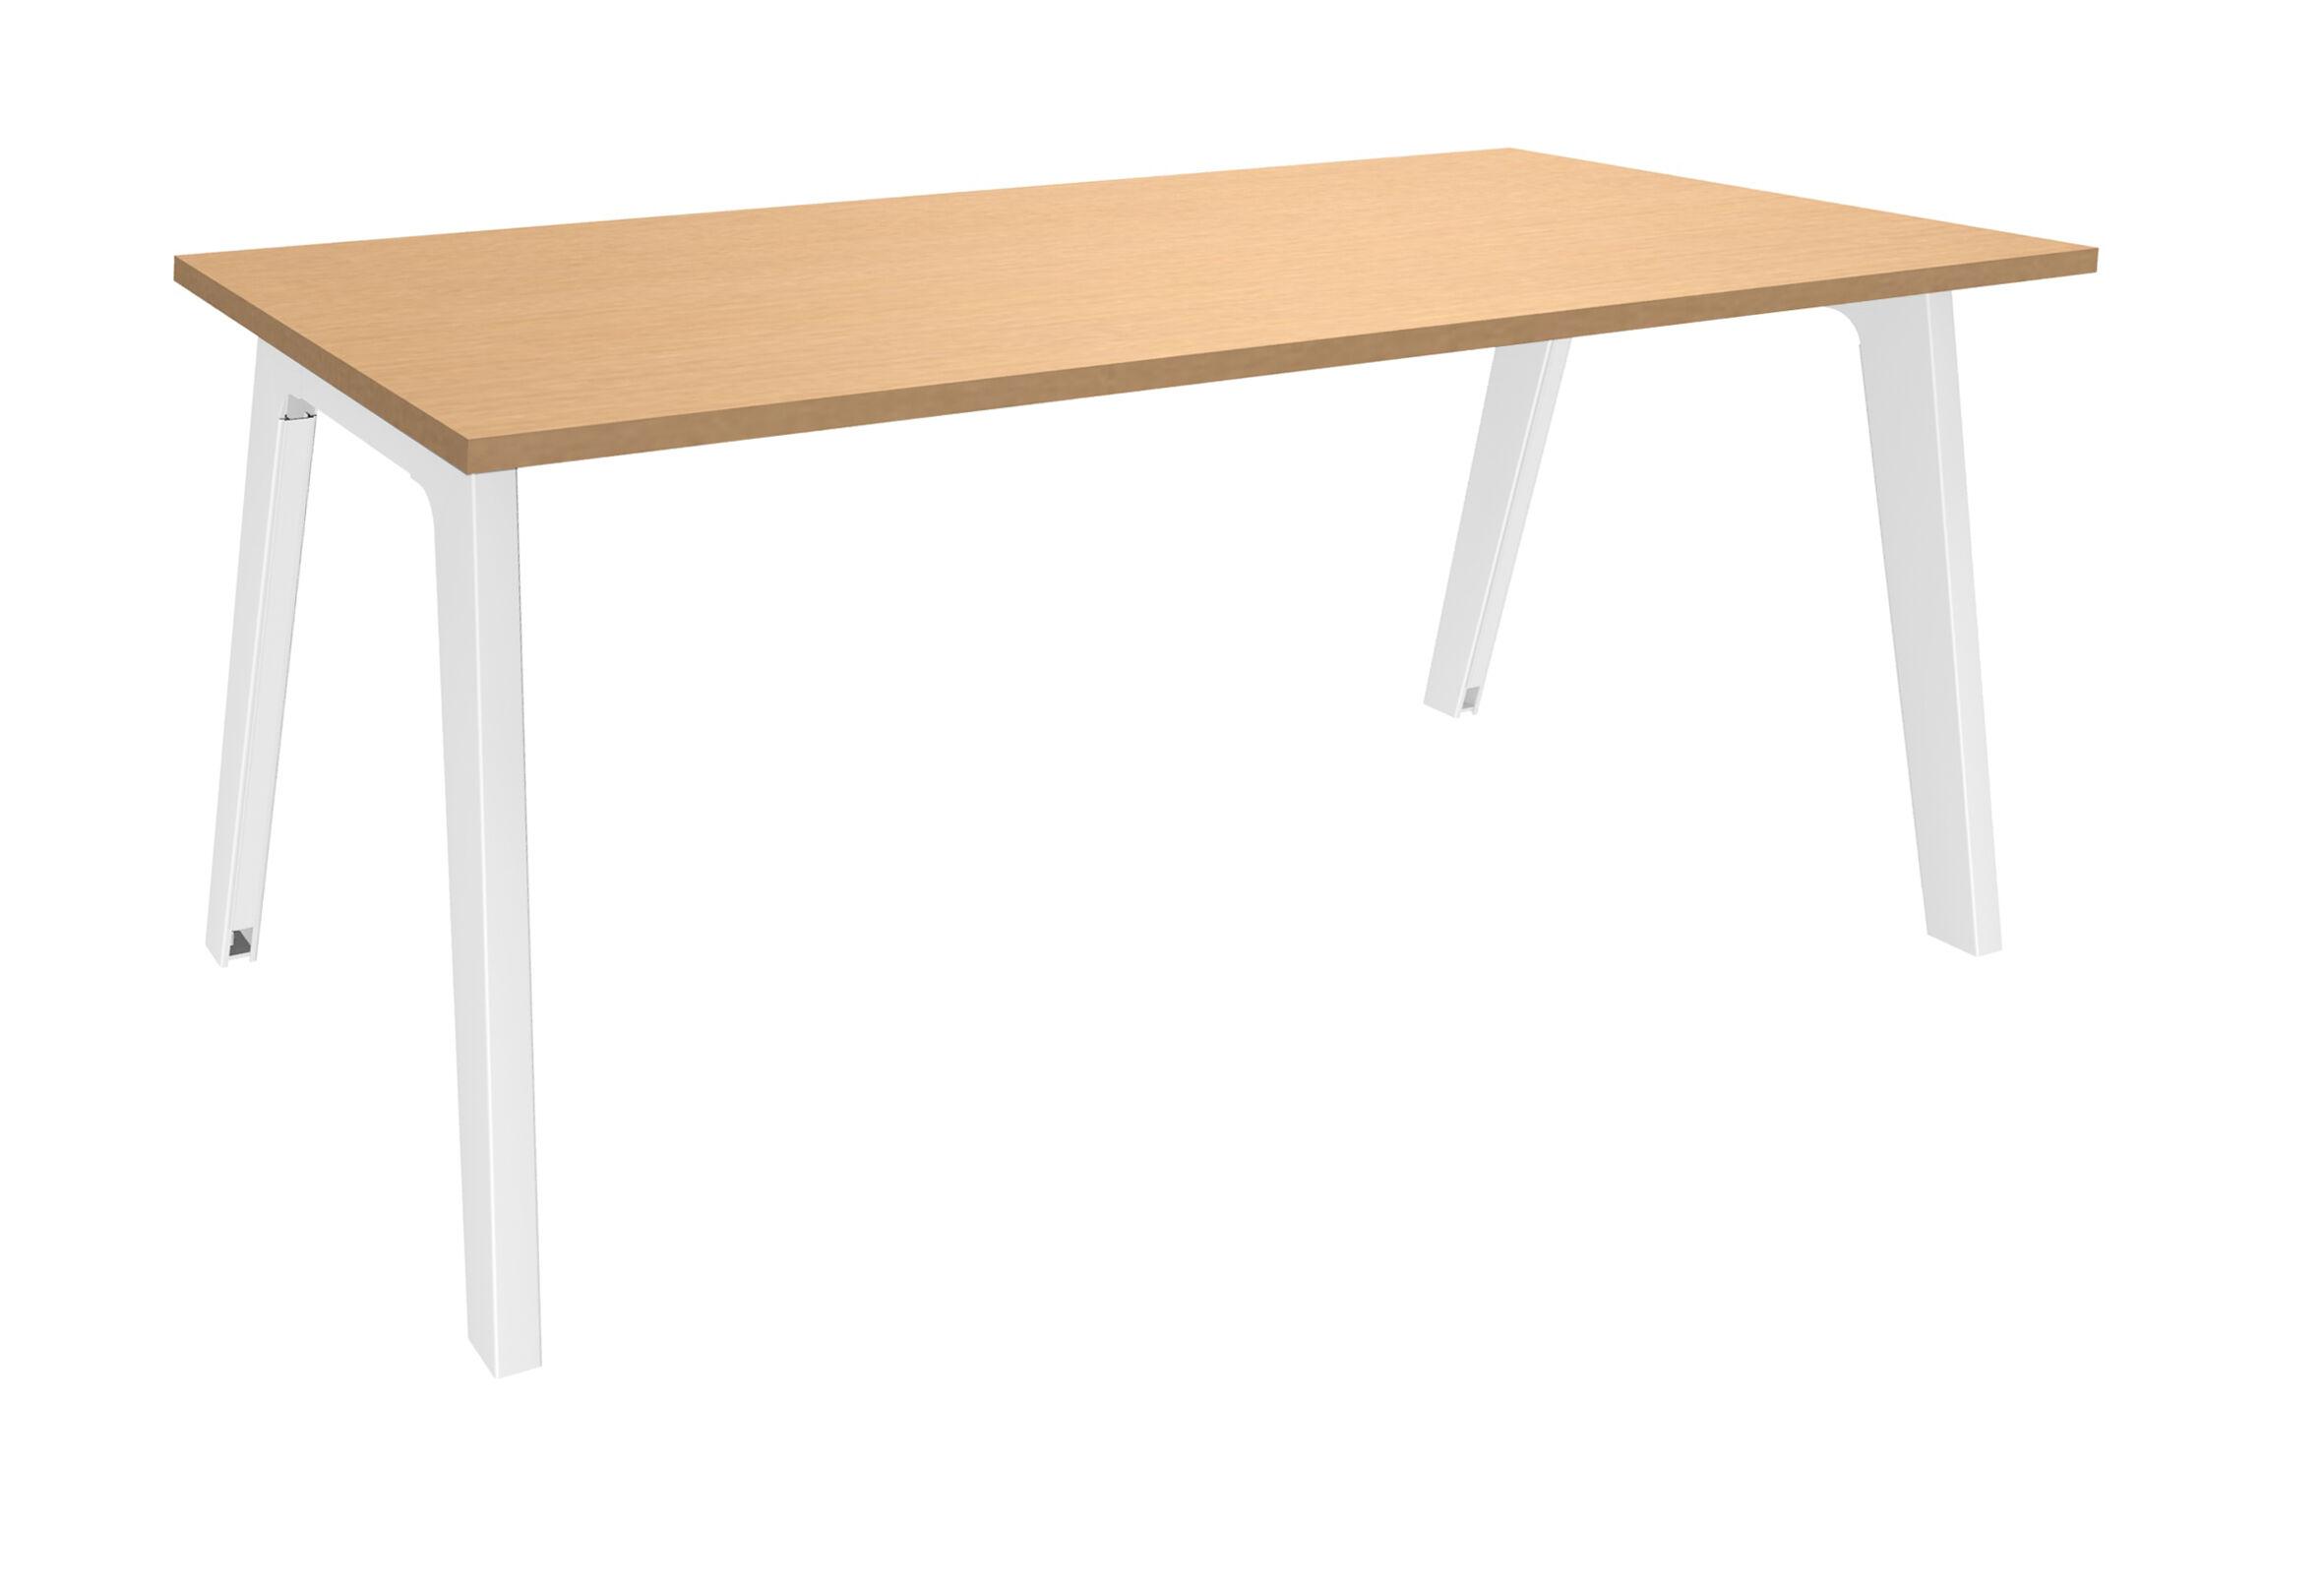 Bureau simple STEELY - L120 cm - Plan de départ - Pieds blanc - plateau imitation Hêtre